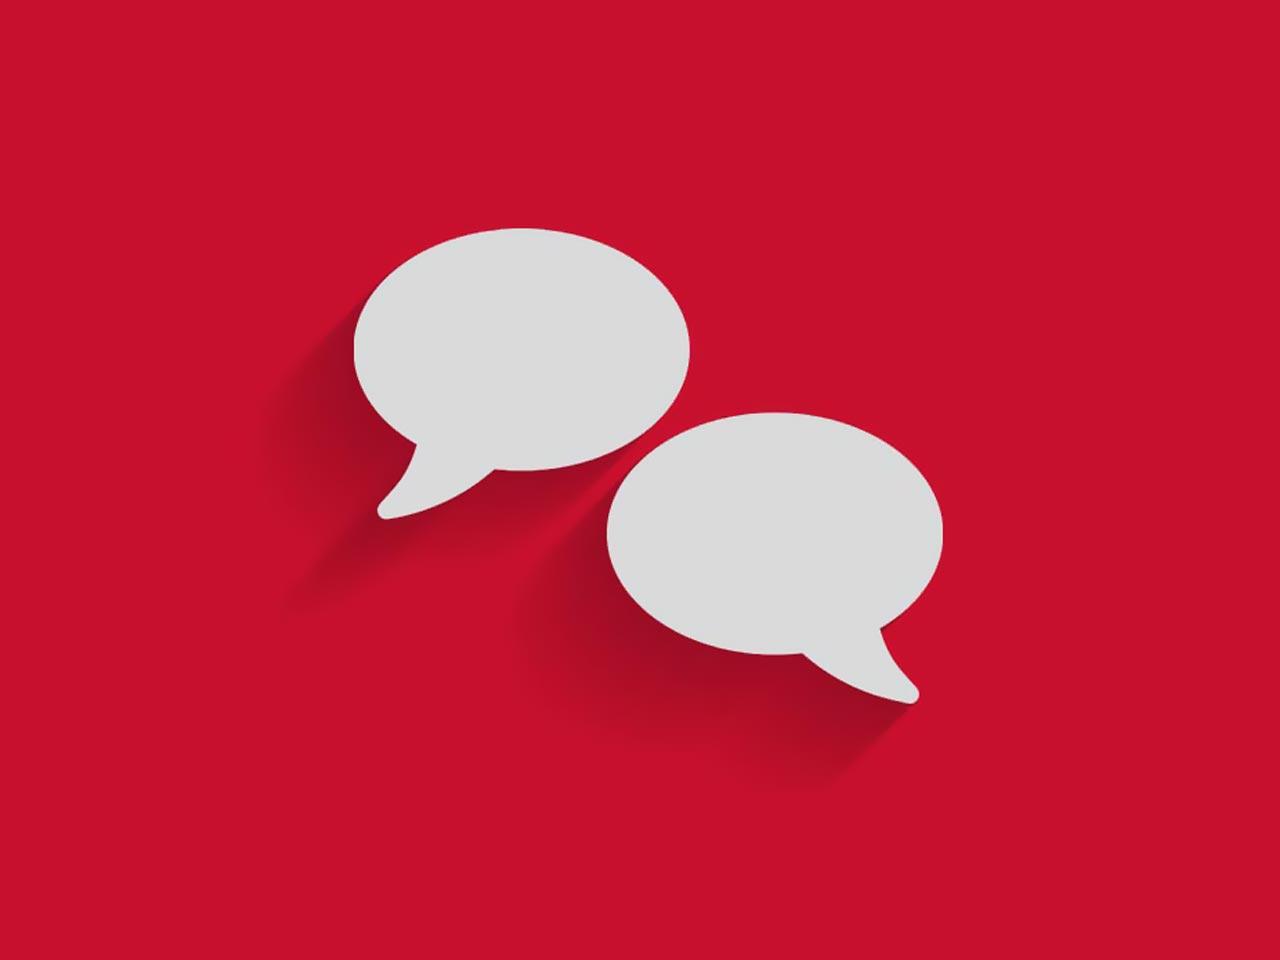 Leser fragen – Experten antworten: Verbandskasten